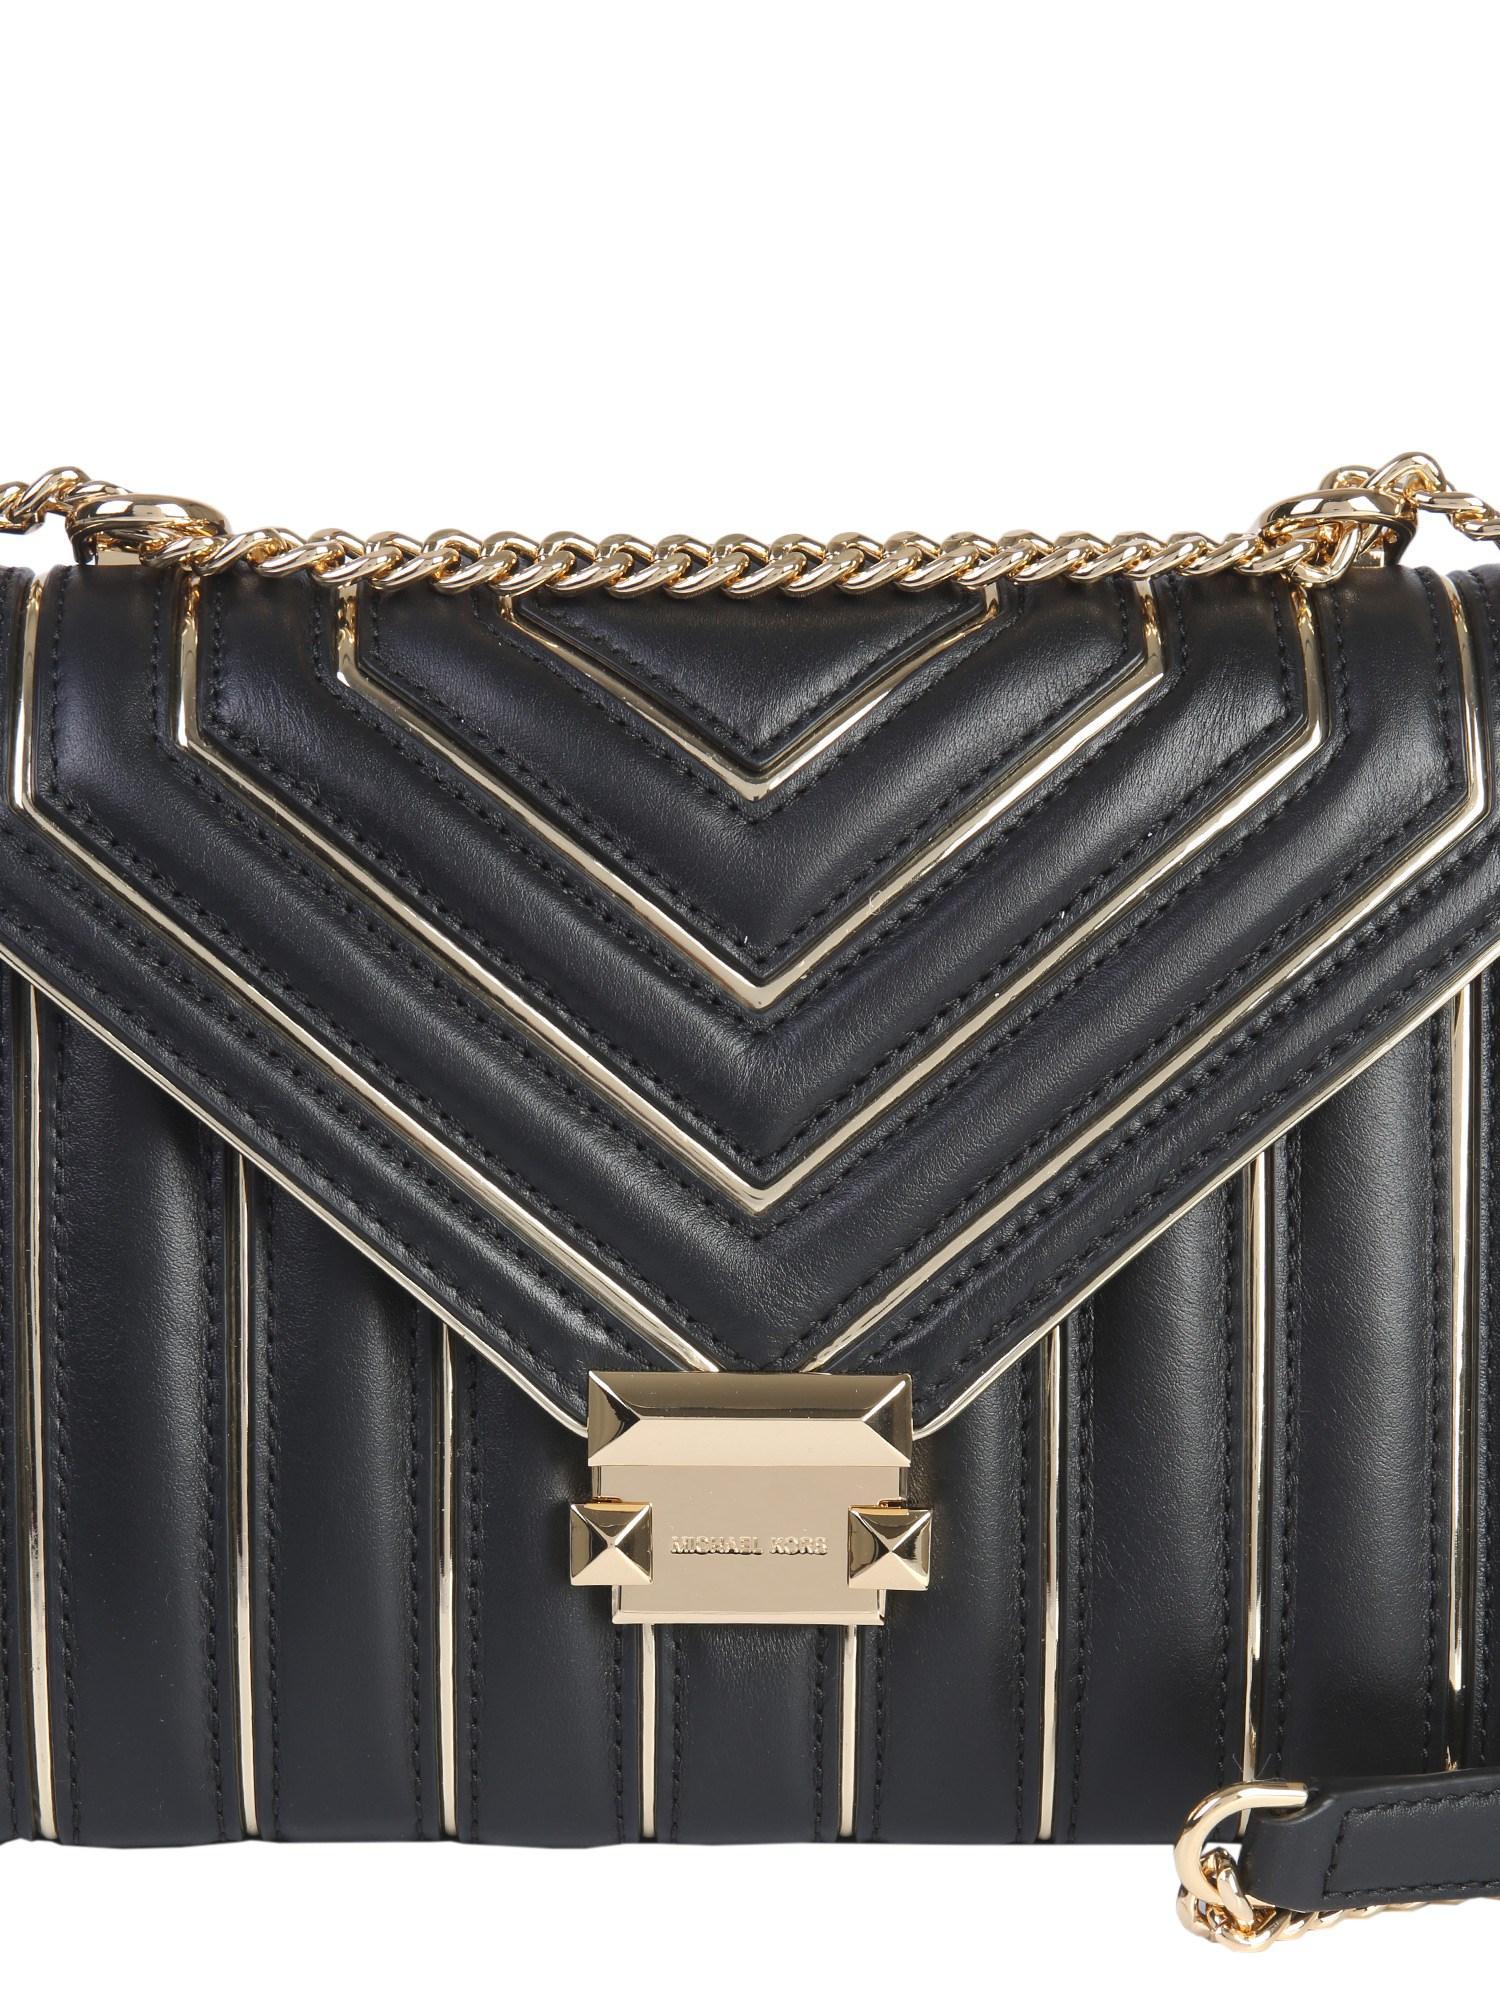 e21fabd17441 MICHAEL Michael Kors Black Leather Shoulder Bag in Black - Save 10% - Lyst